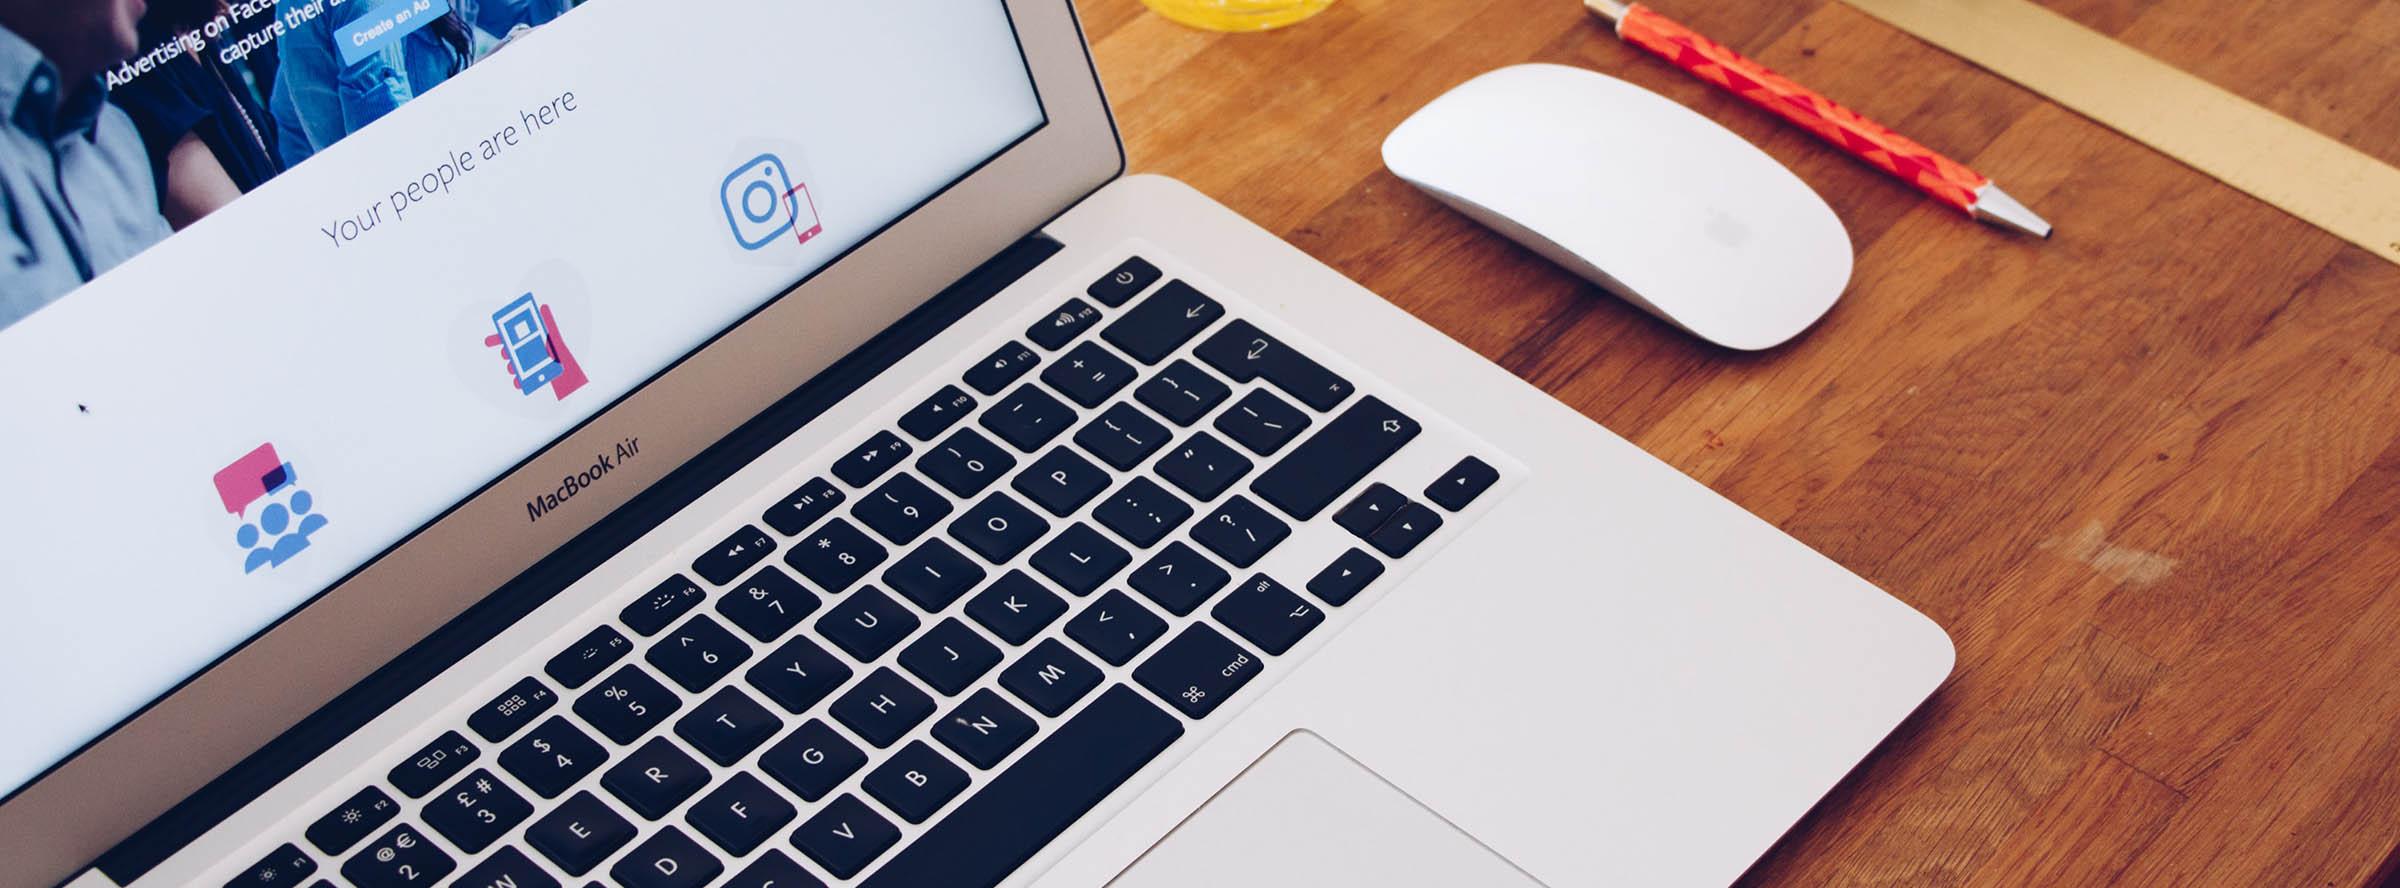 تولید محتوا بهترین ابزار برای ارتباط با مشتری